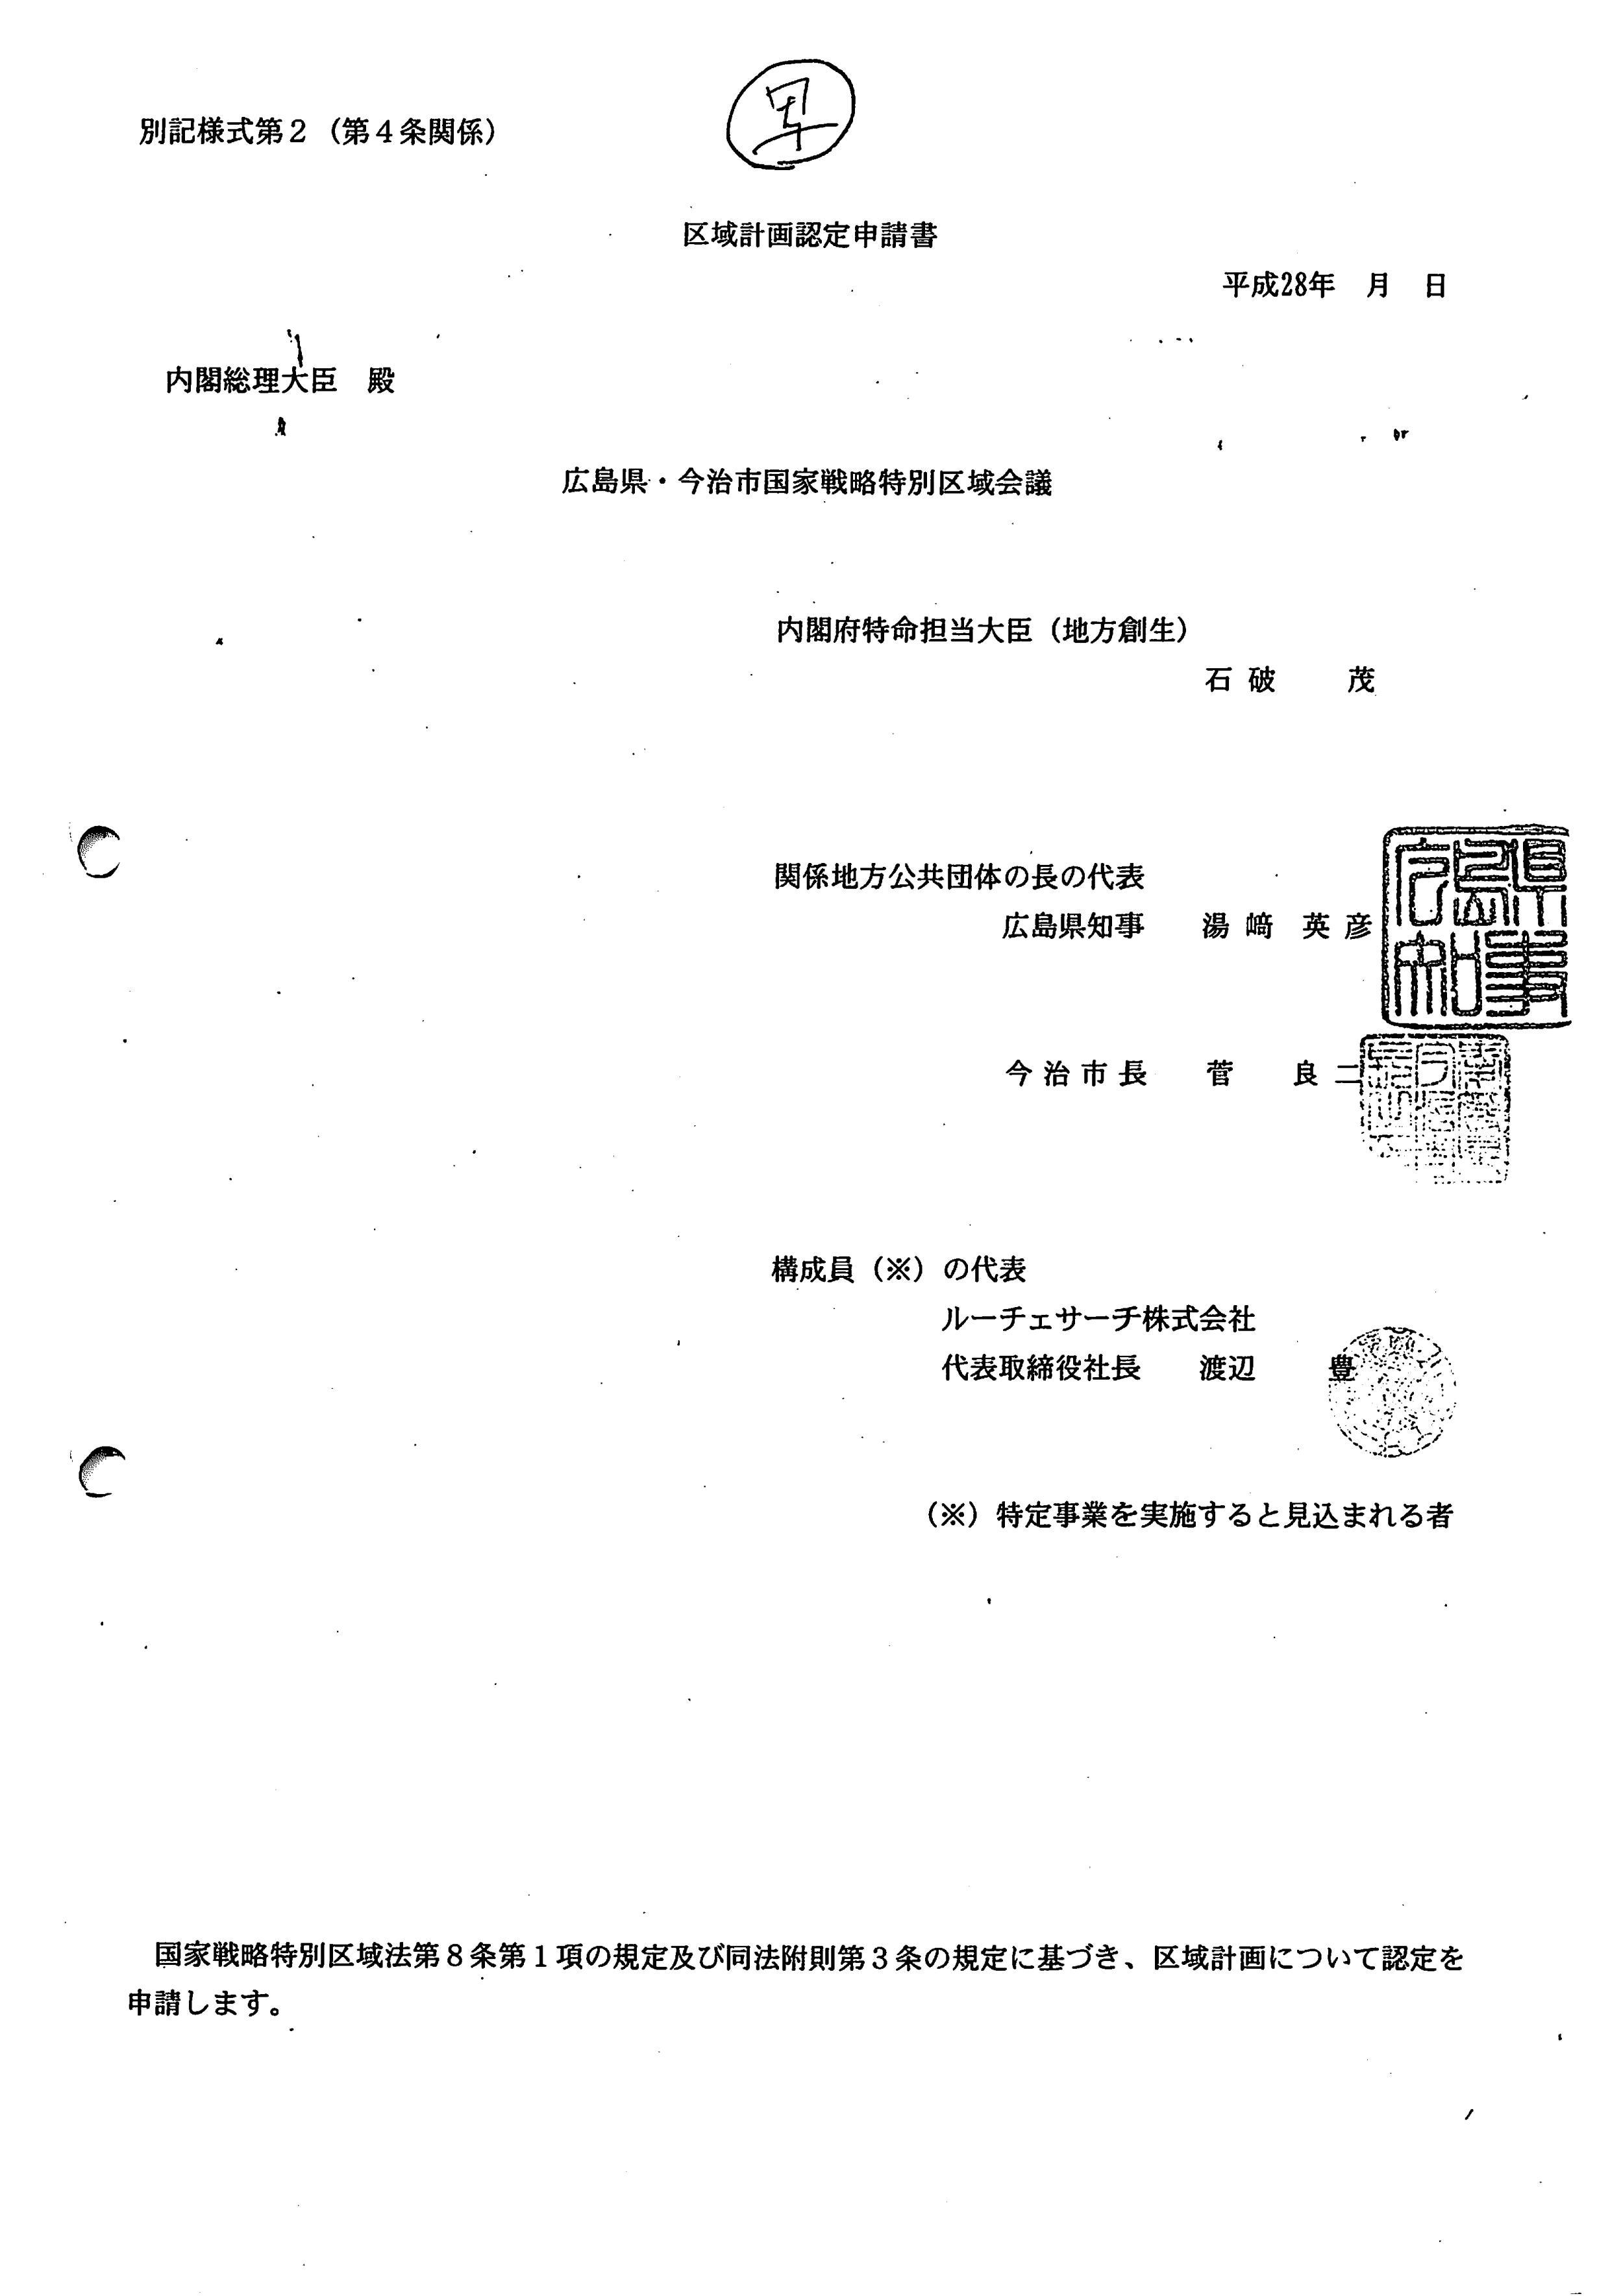 今治市 20160418 区域計画認定申請書送付 (2)